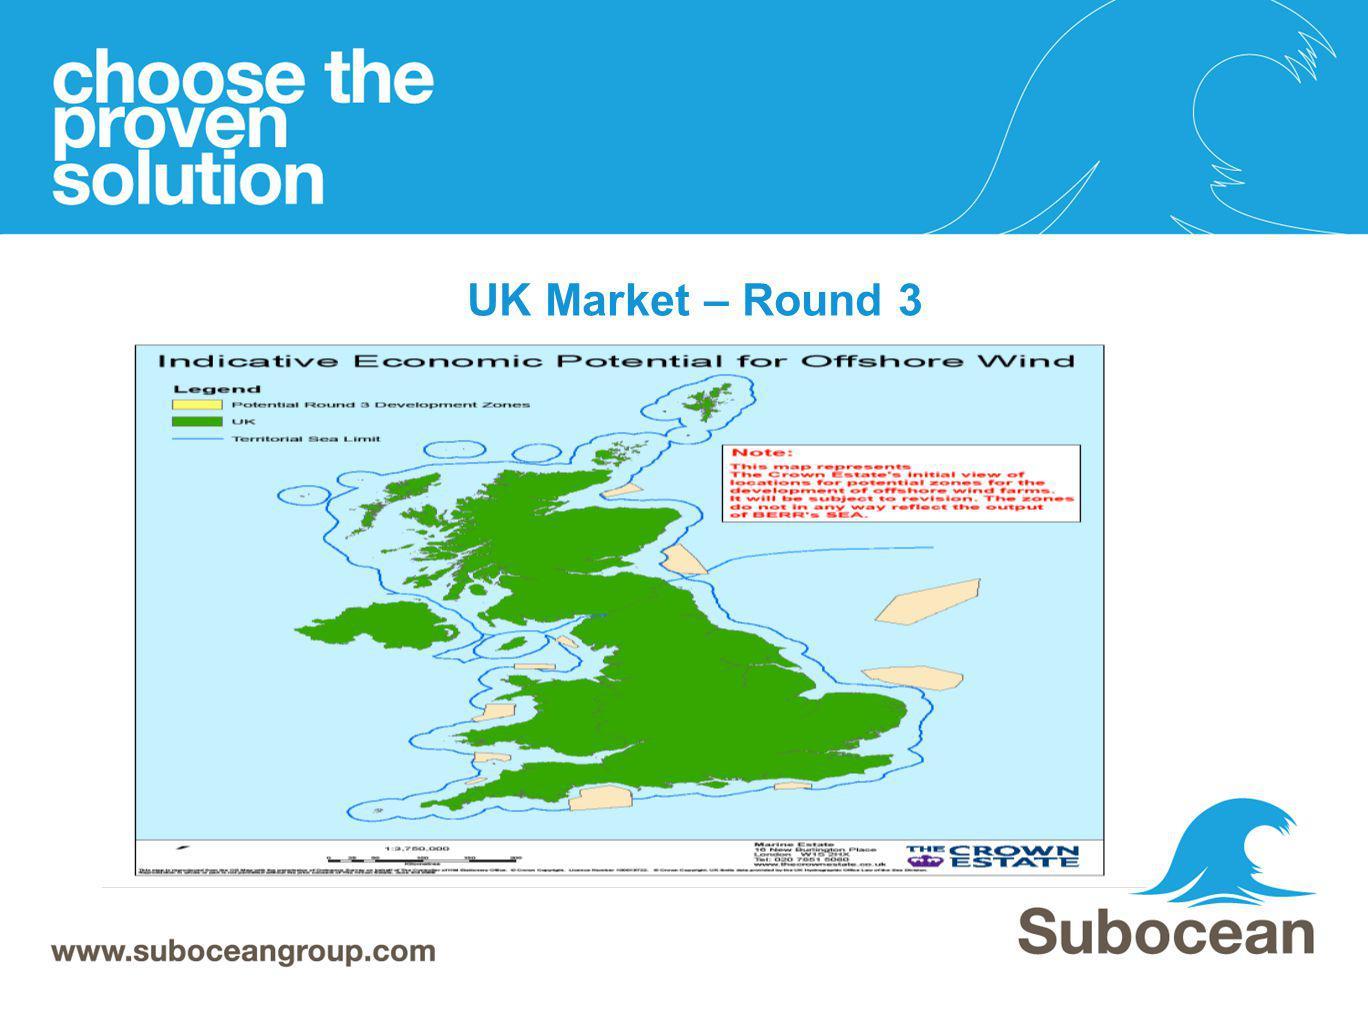 UK Market – Round 3